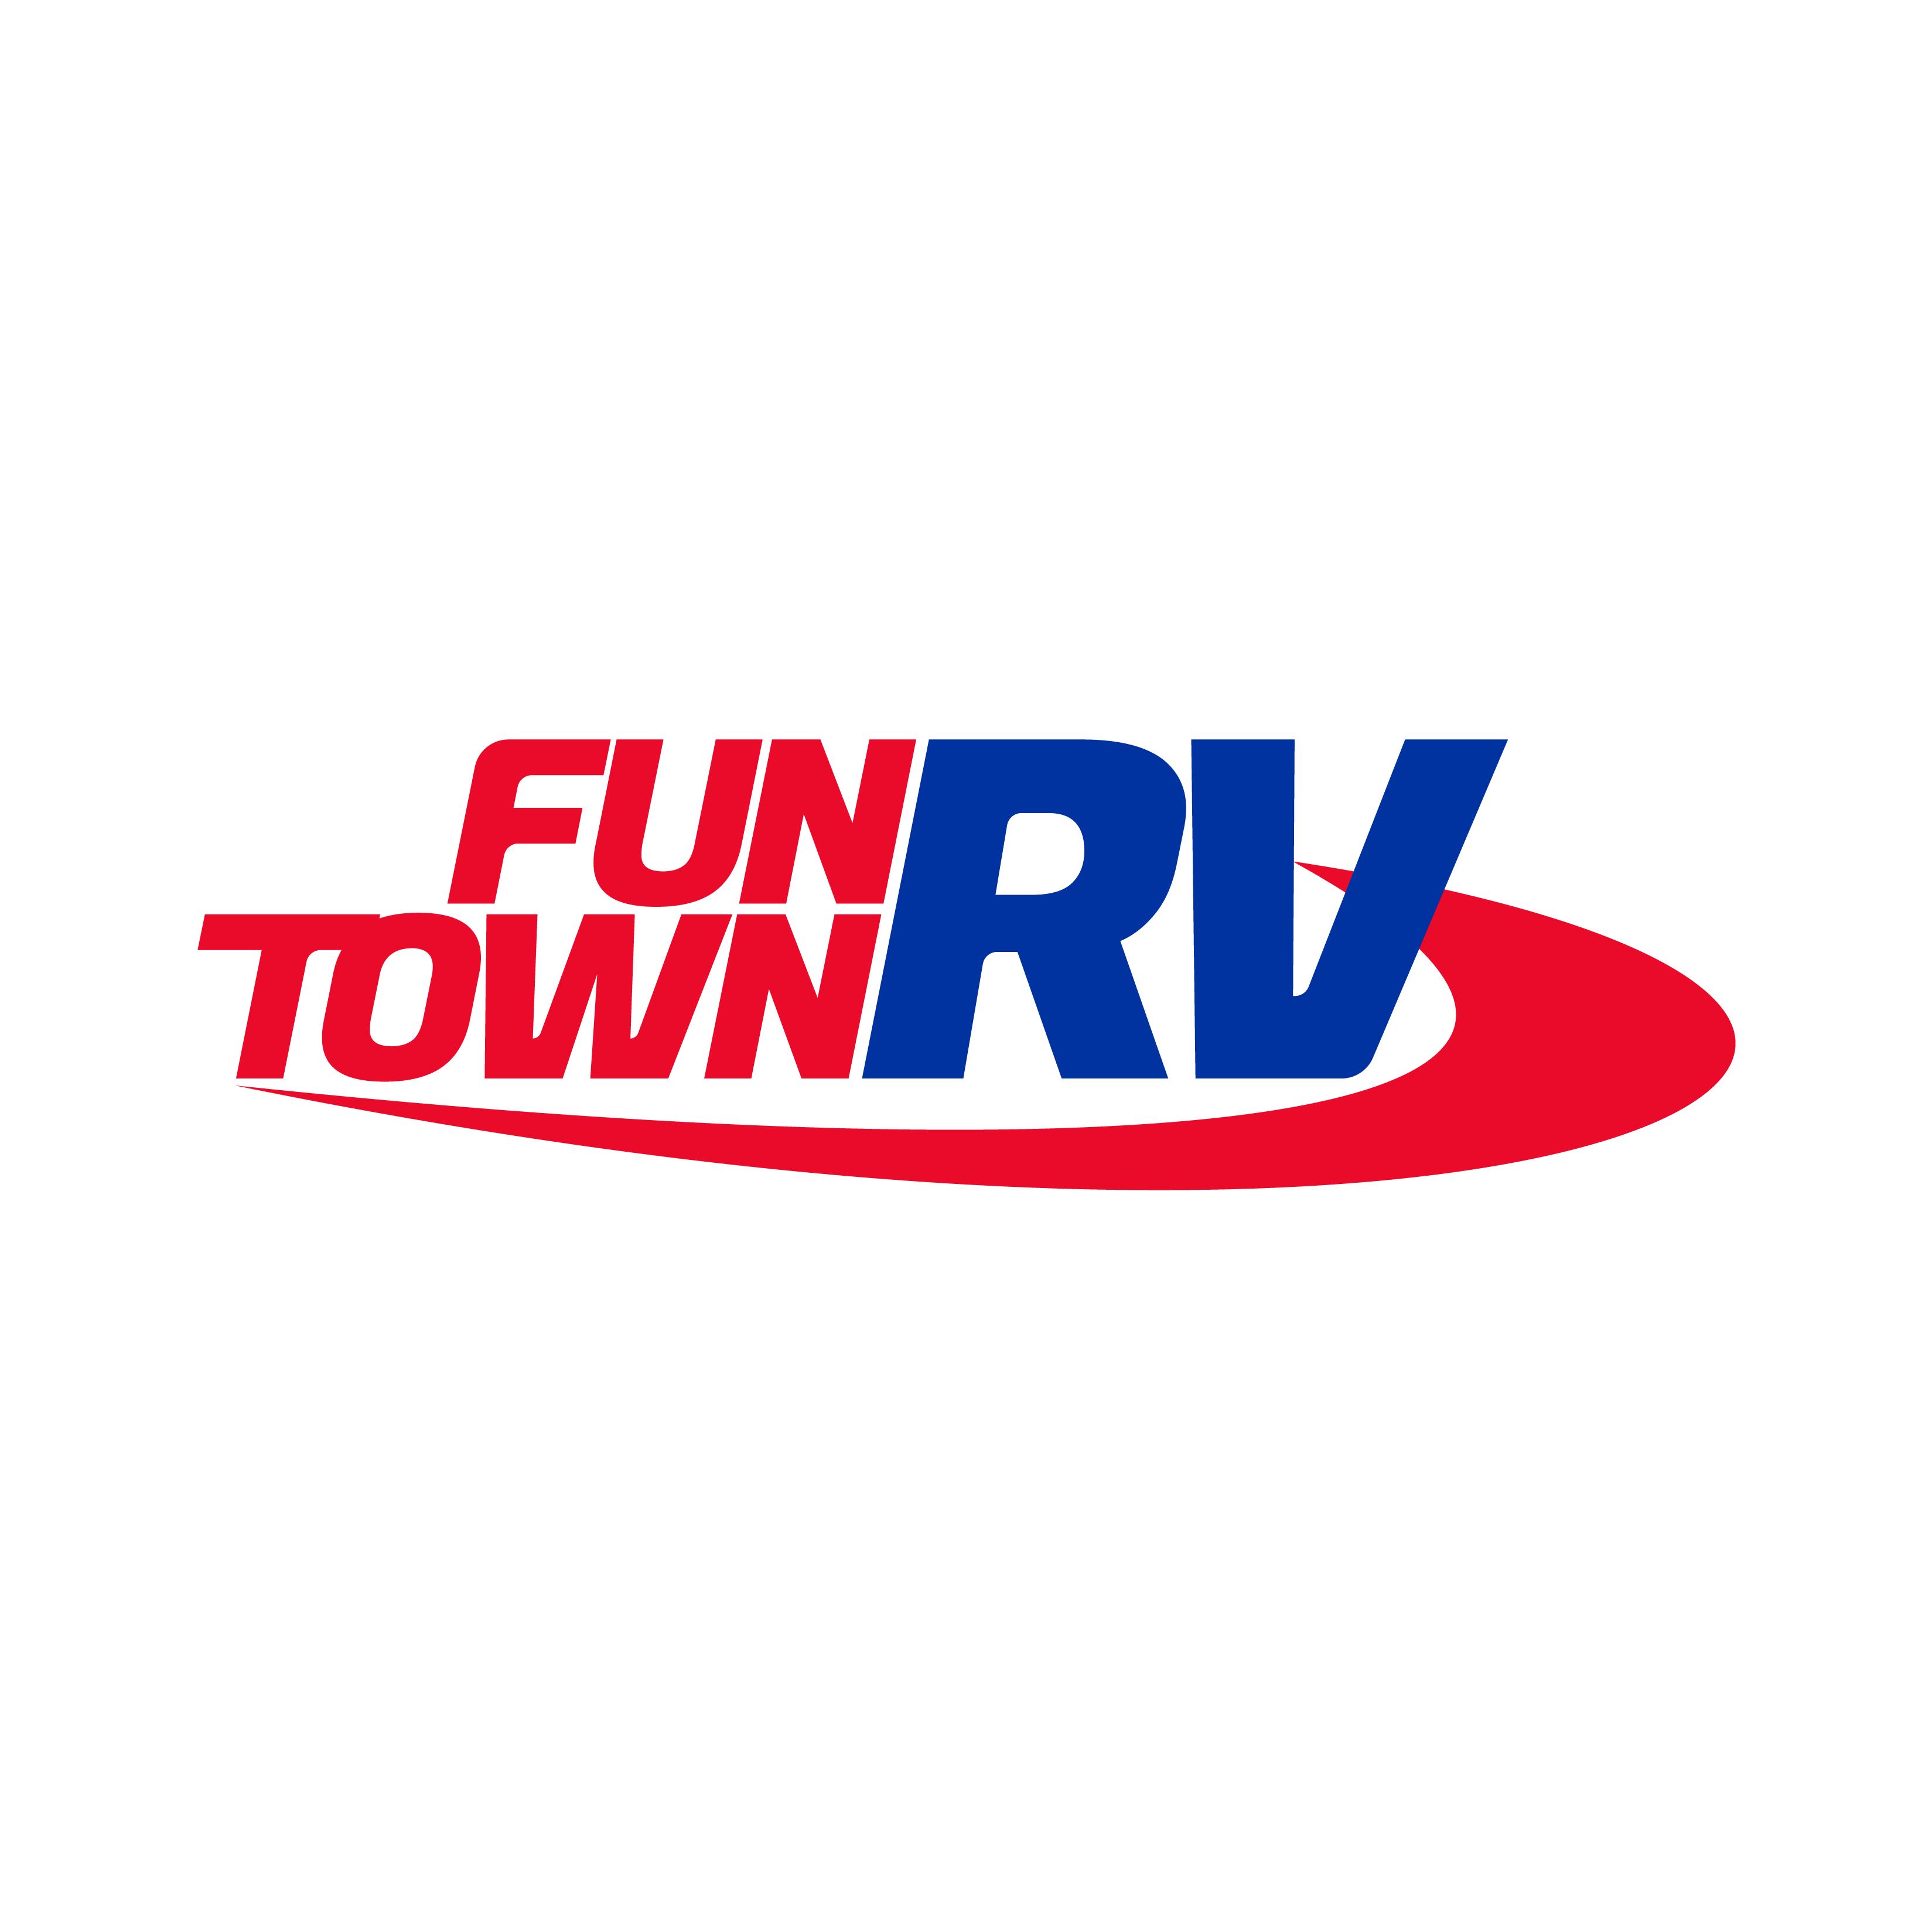 Fun Town Rv 6767 Us 59 Wharton Tx Rv Dealers Mapquest